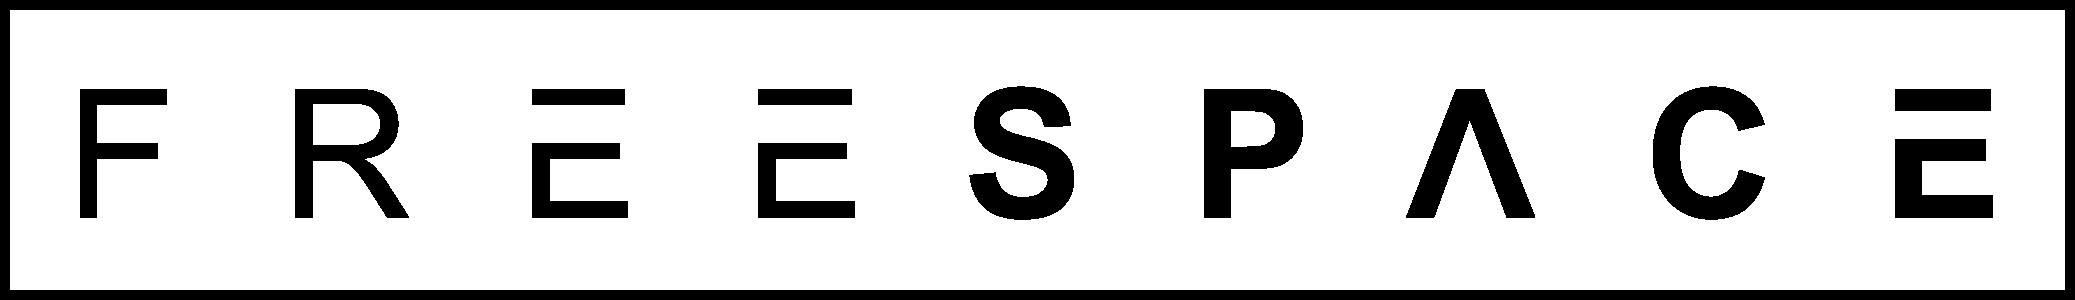 FS Logo Black_300h.png